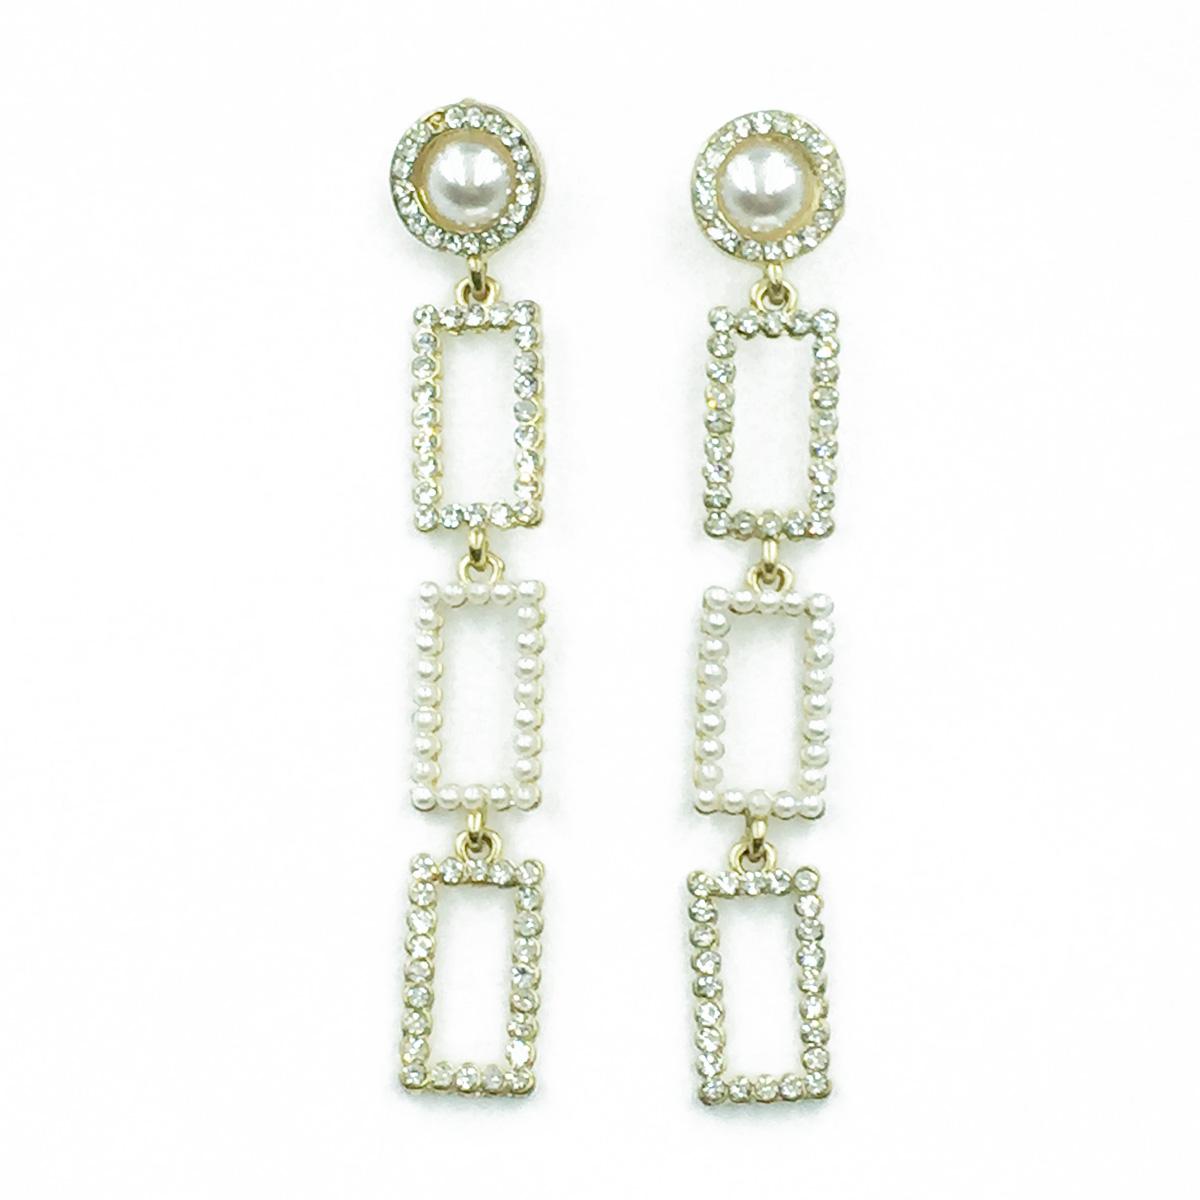 韓國 925純銀 簍空長方形 水鑽 珍珠 垂墜感 耳針式耳環